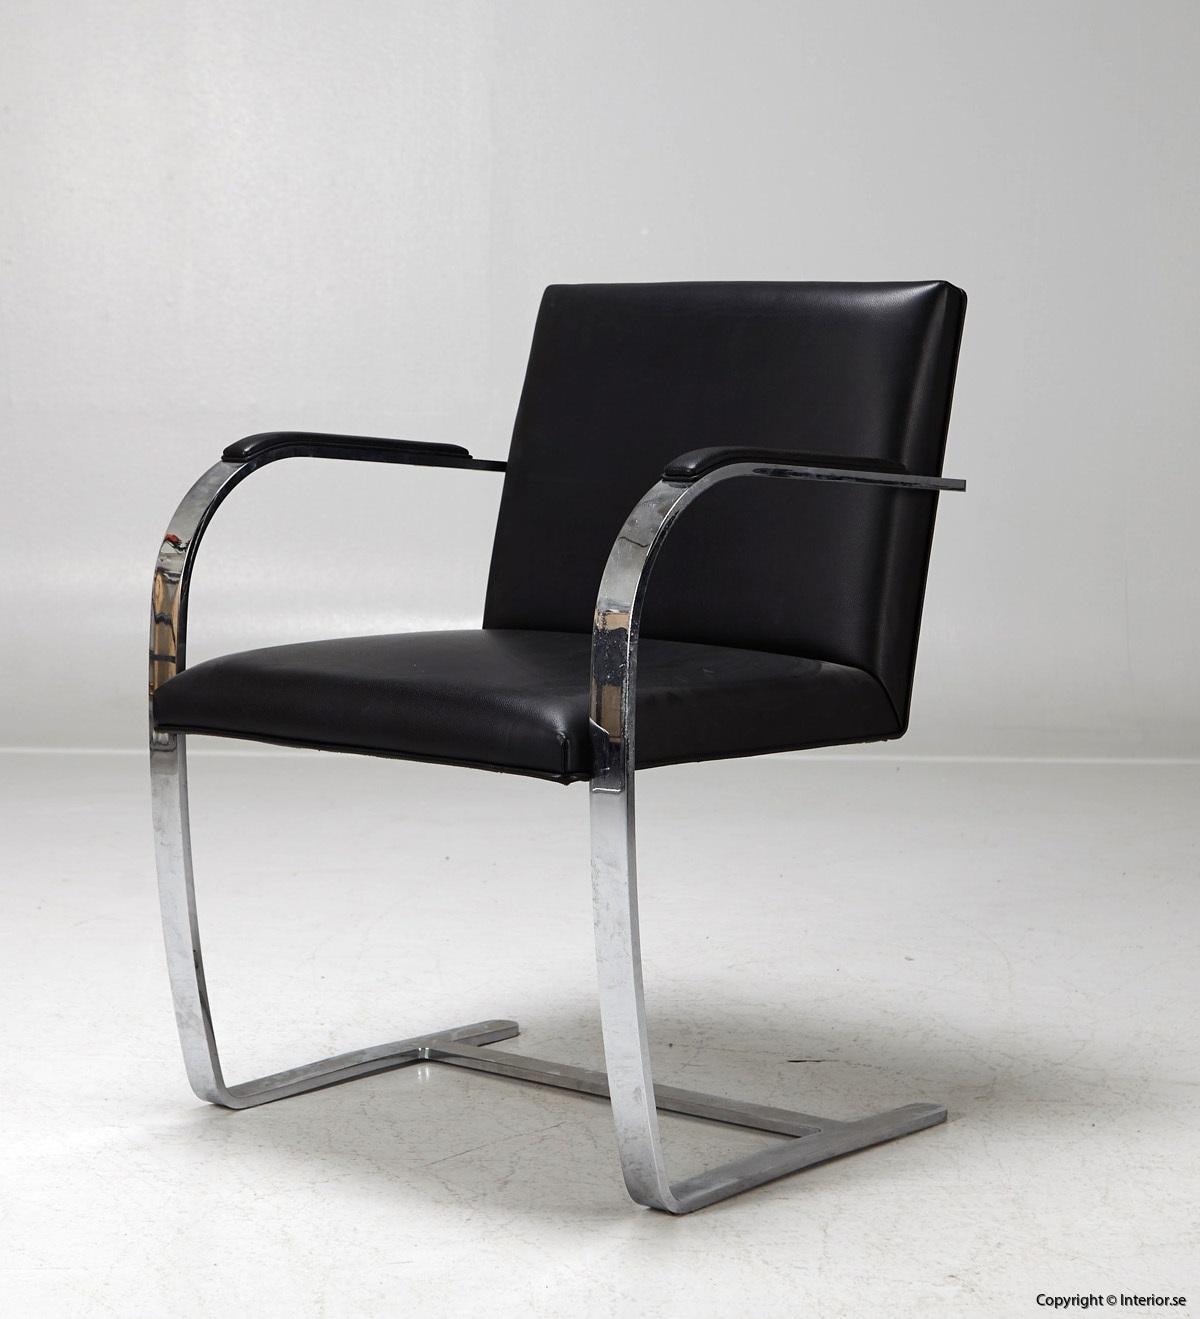 1 Stol, Knoll Brno E01M 4200 - Ludwig Mies van der Rohe